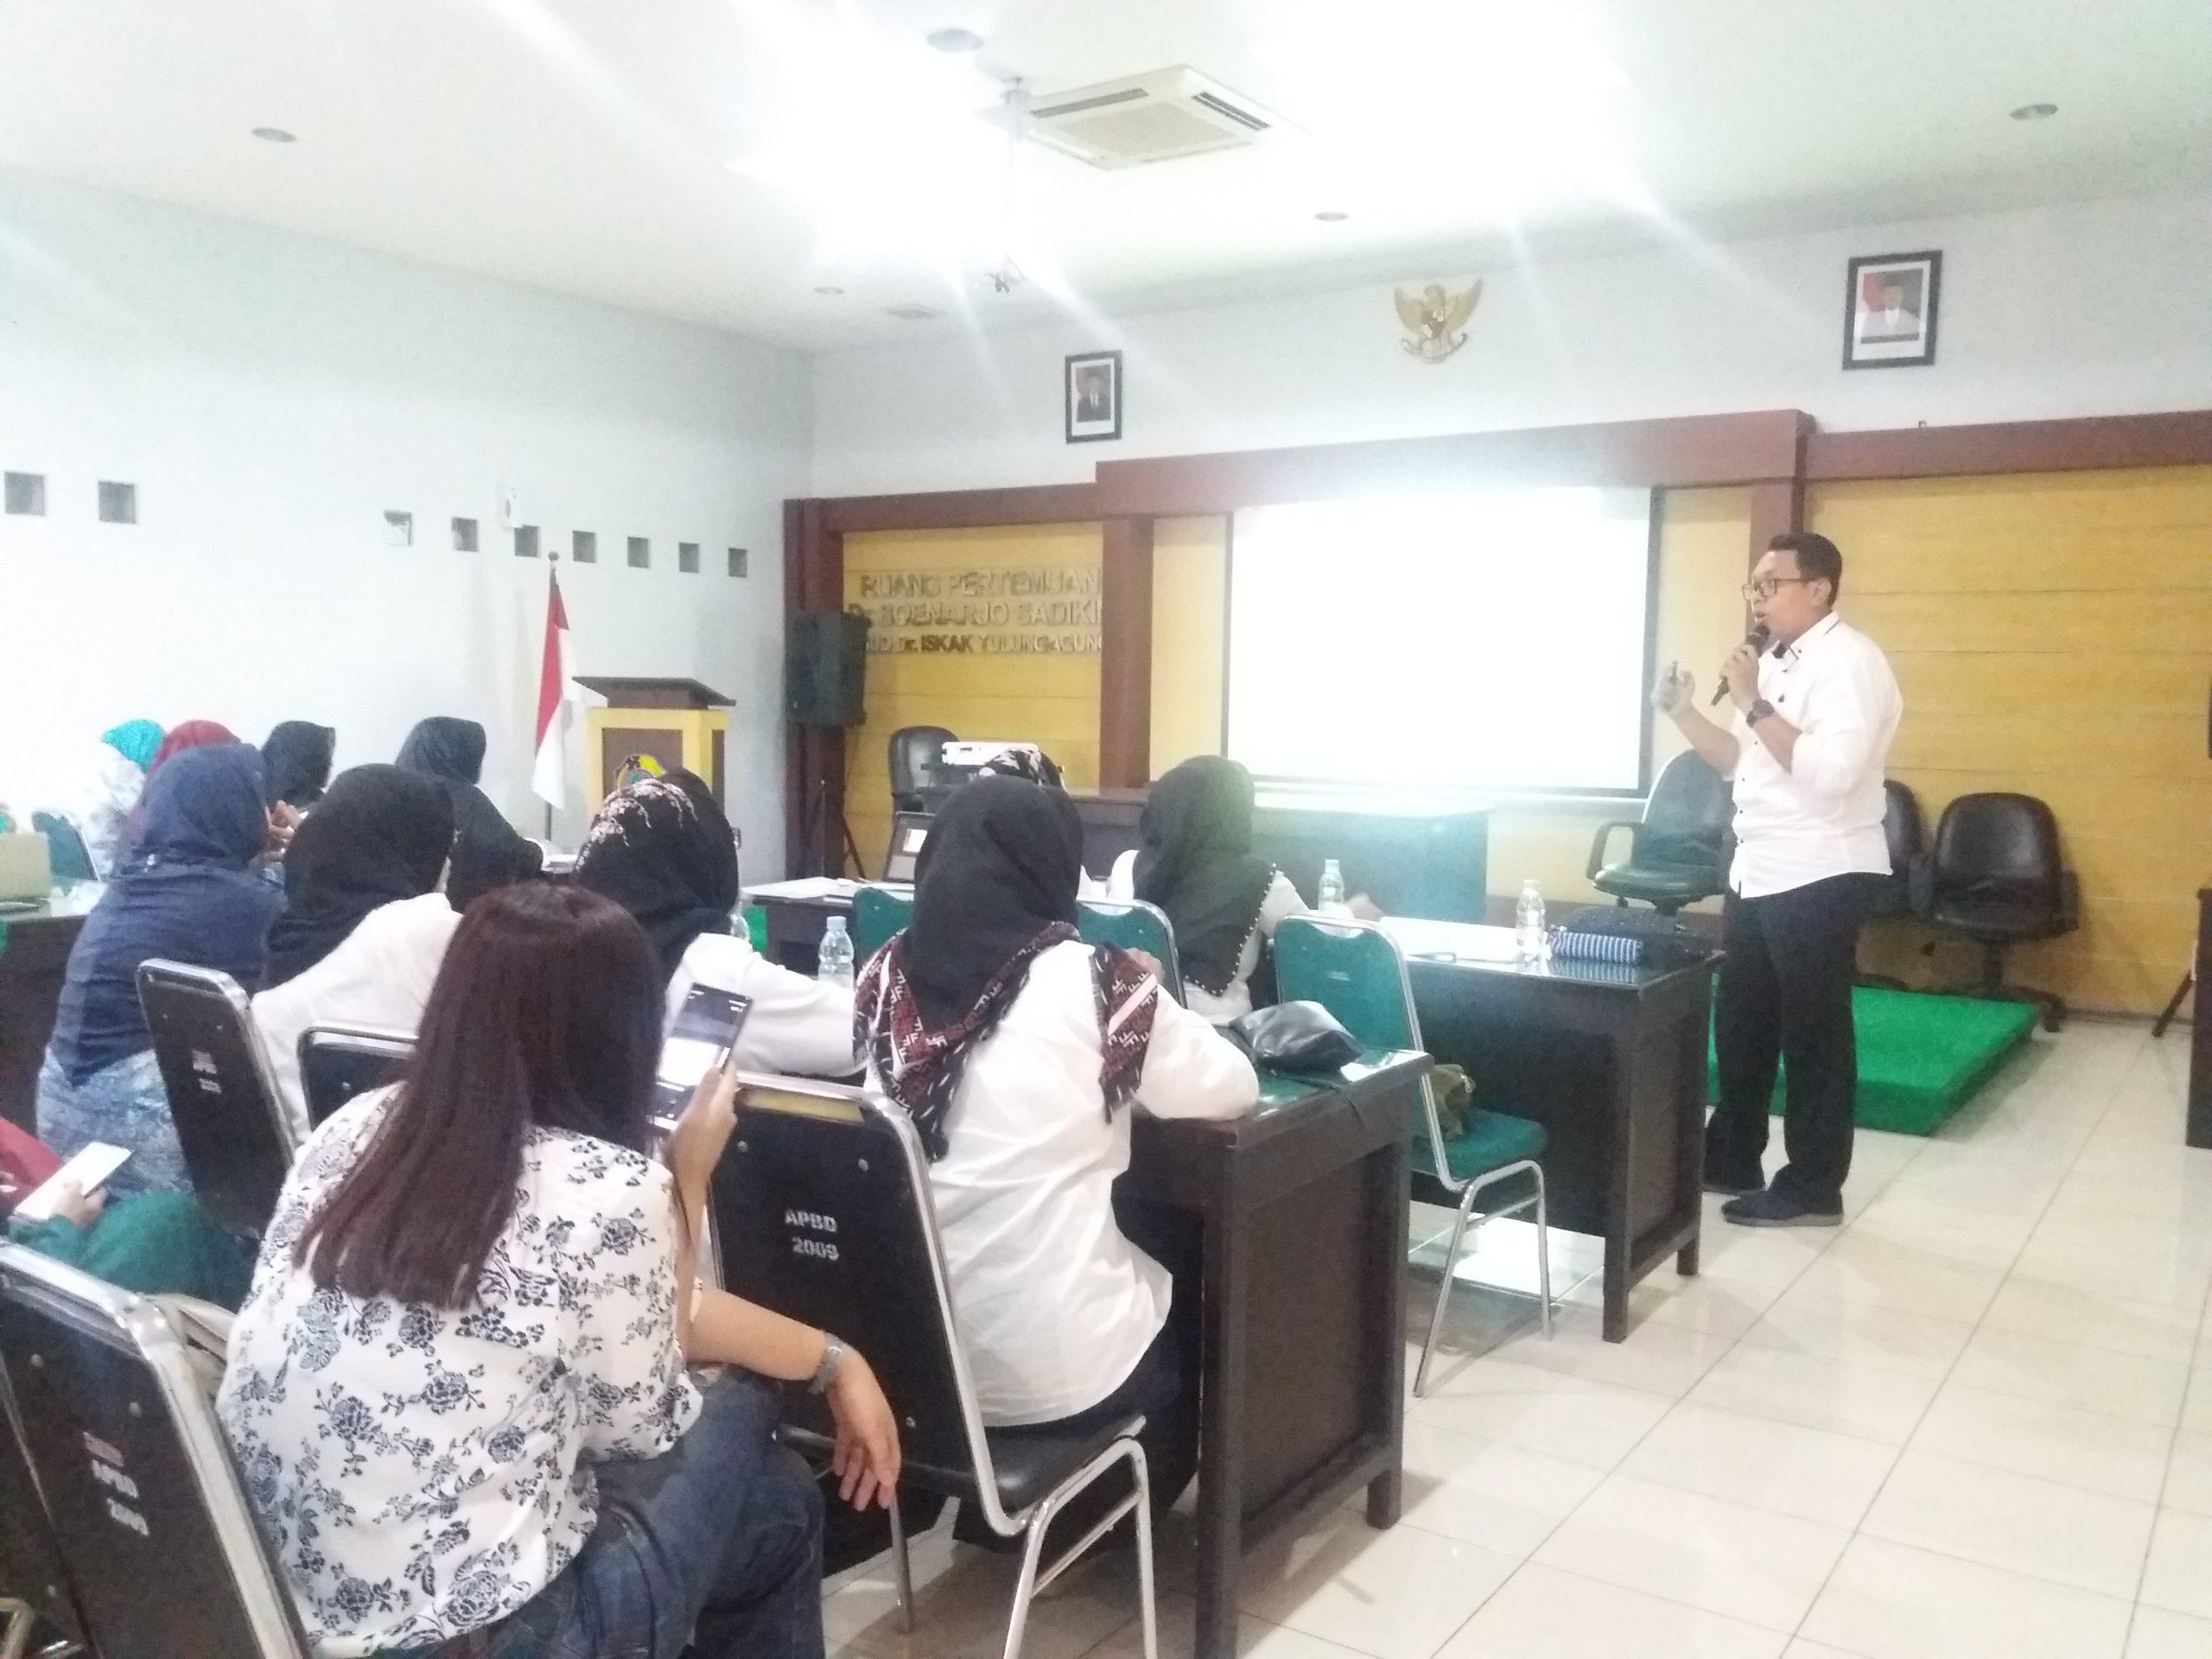 BPJS Kesehatan Kantor Cabang Tulungagung bekerja sama dengan RSUD dr. Iskak mengadakan Pertemuan Mentoring Spesialis - Dalam Rangka Menunjang Rujukan Balik 2019.